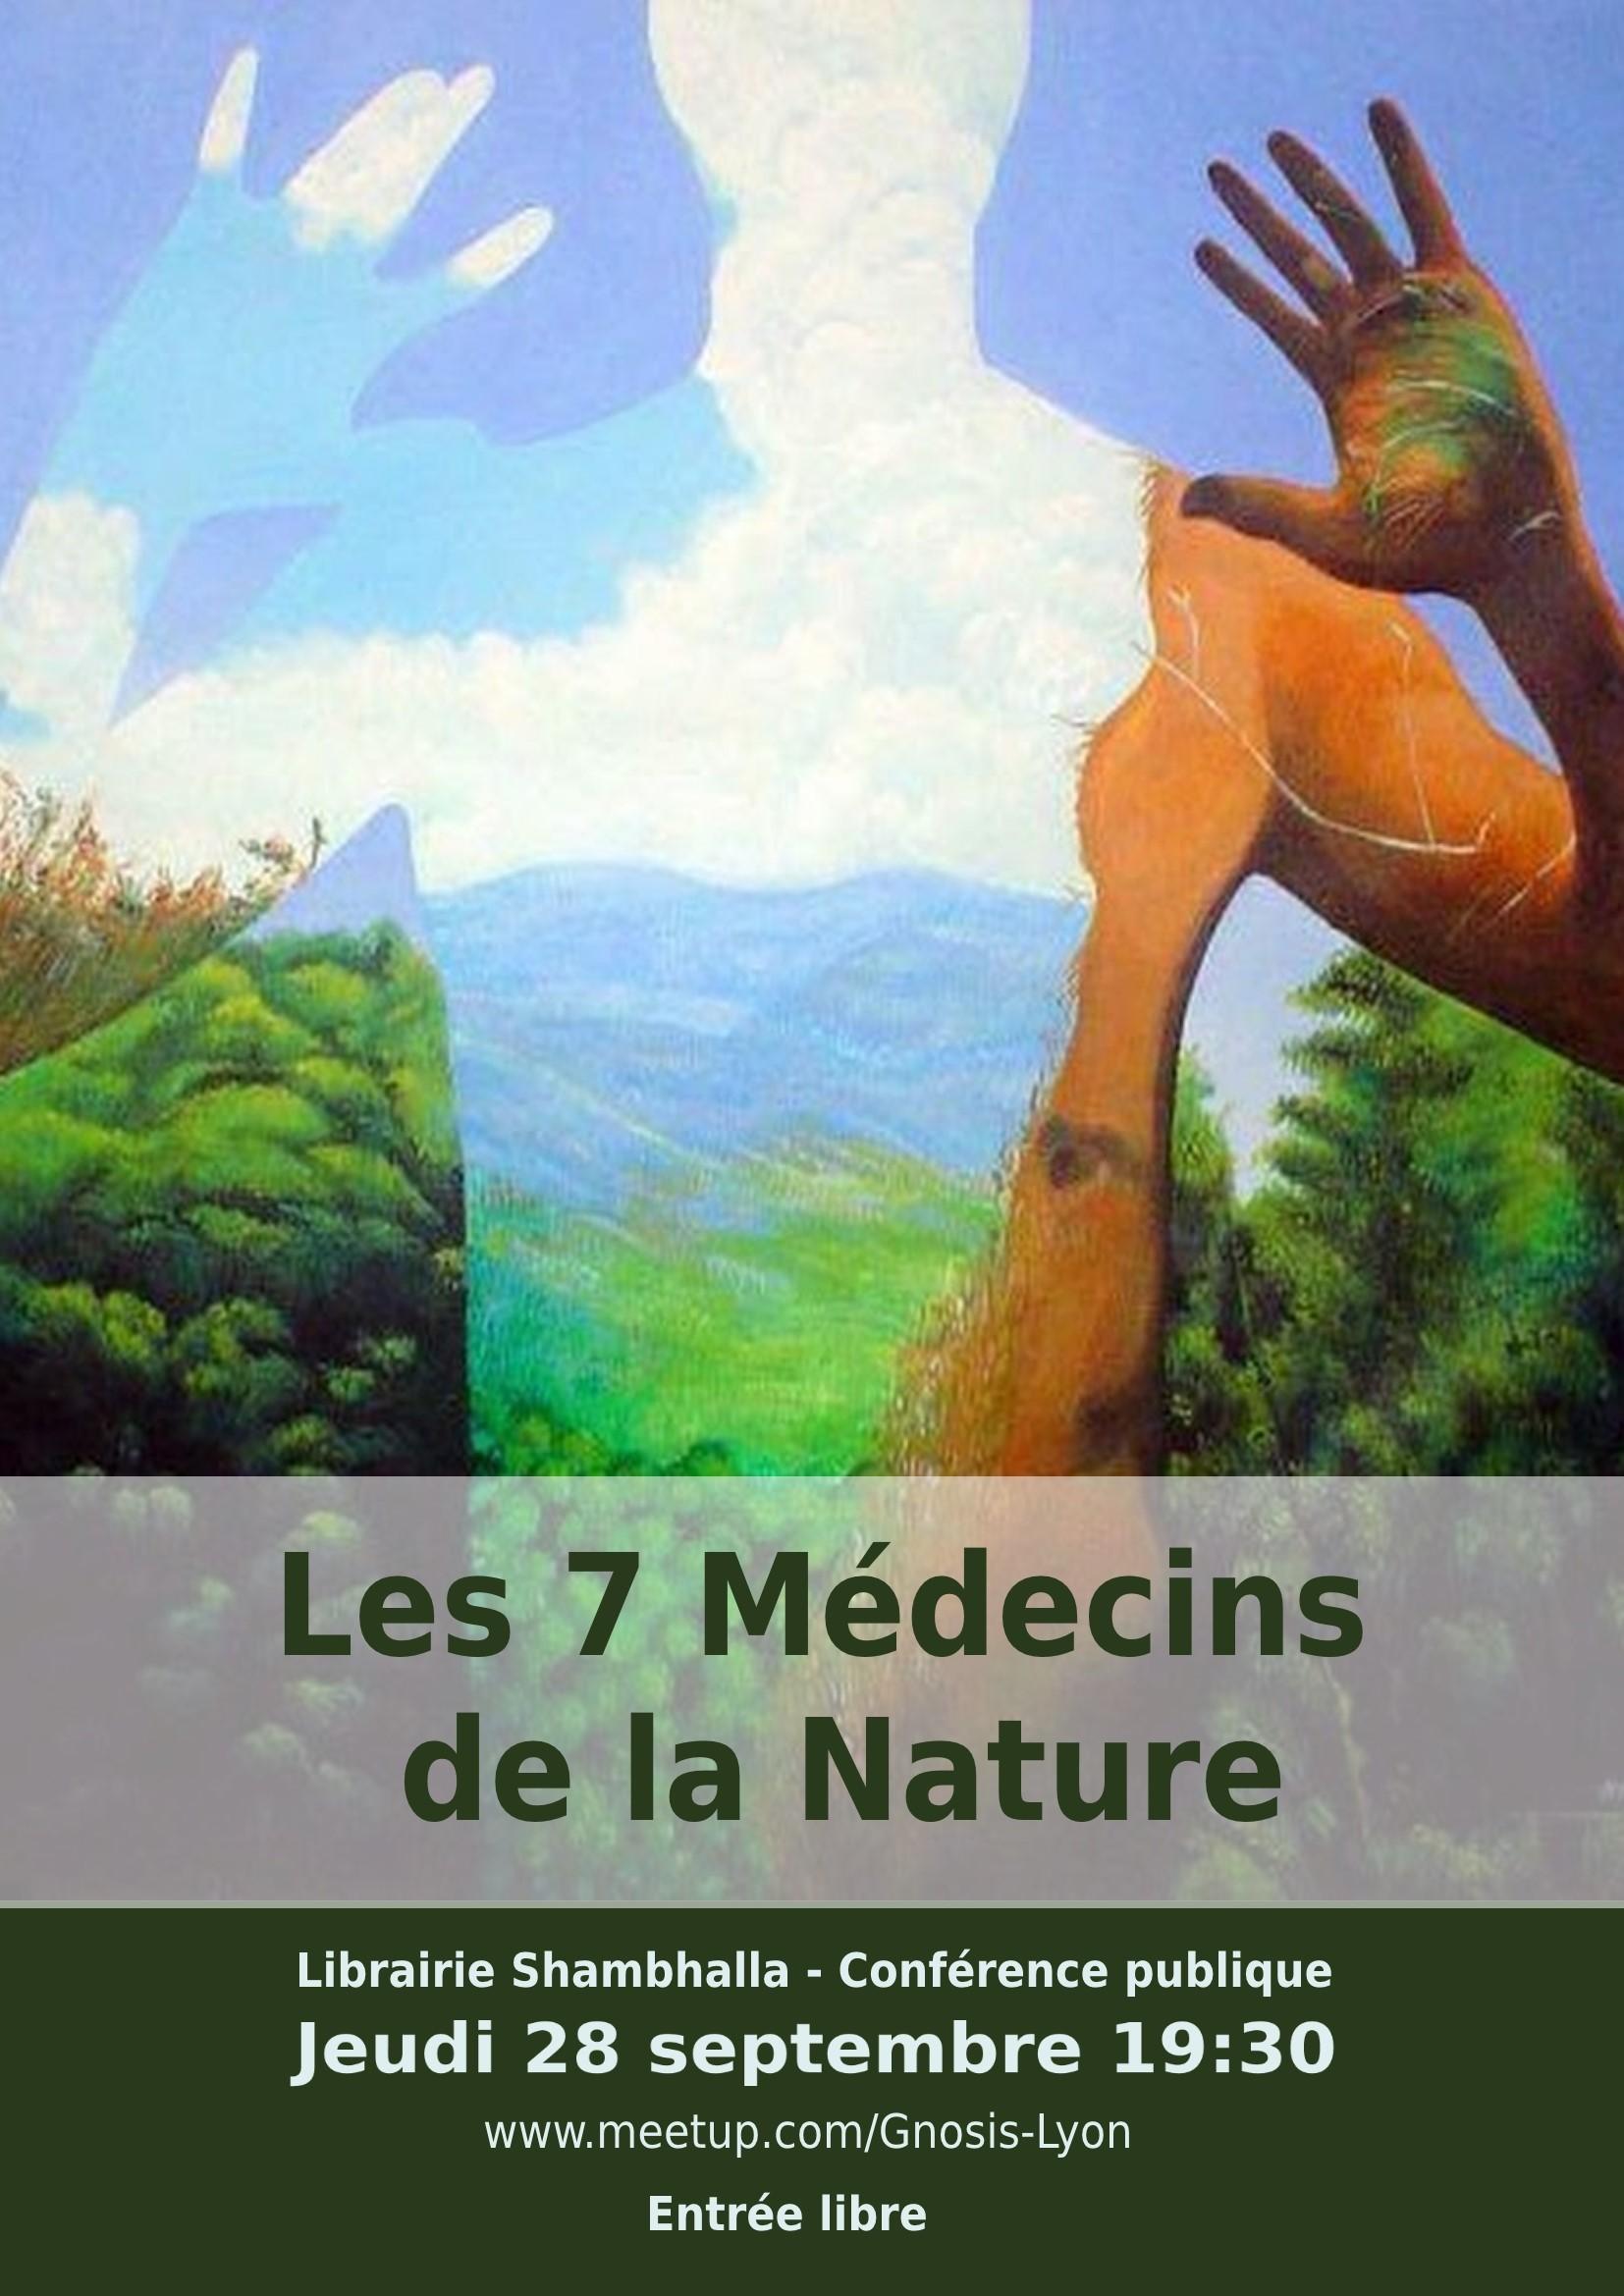 7medecins